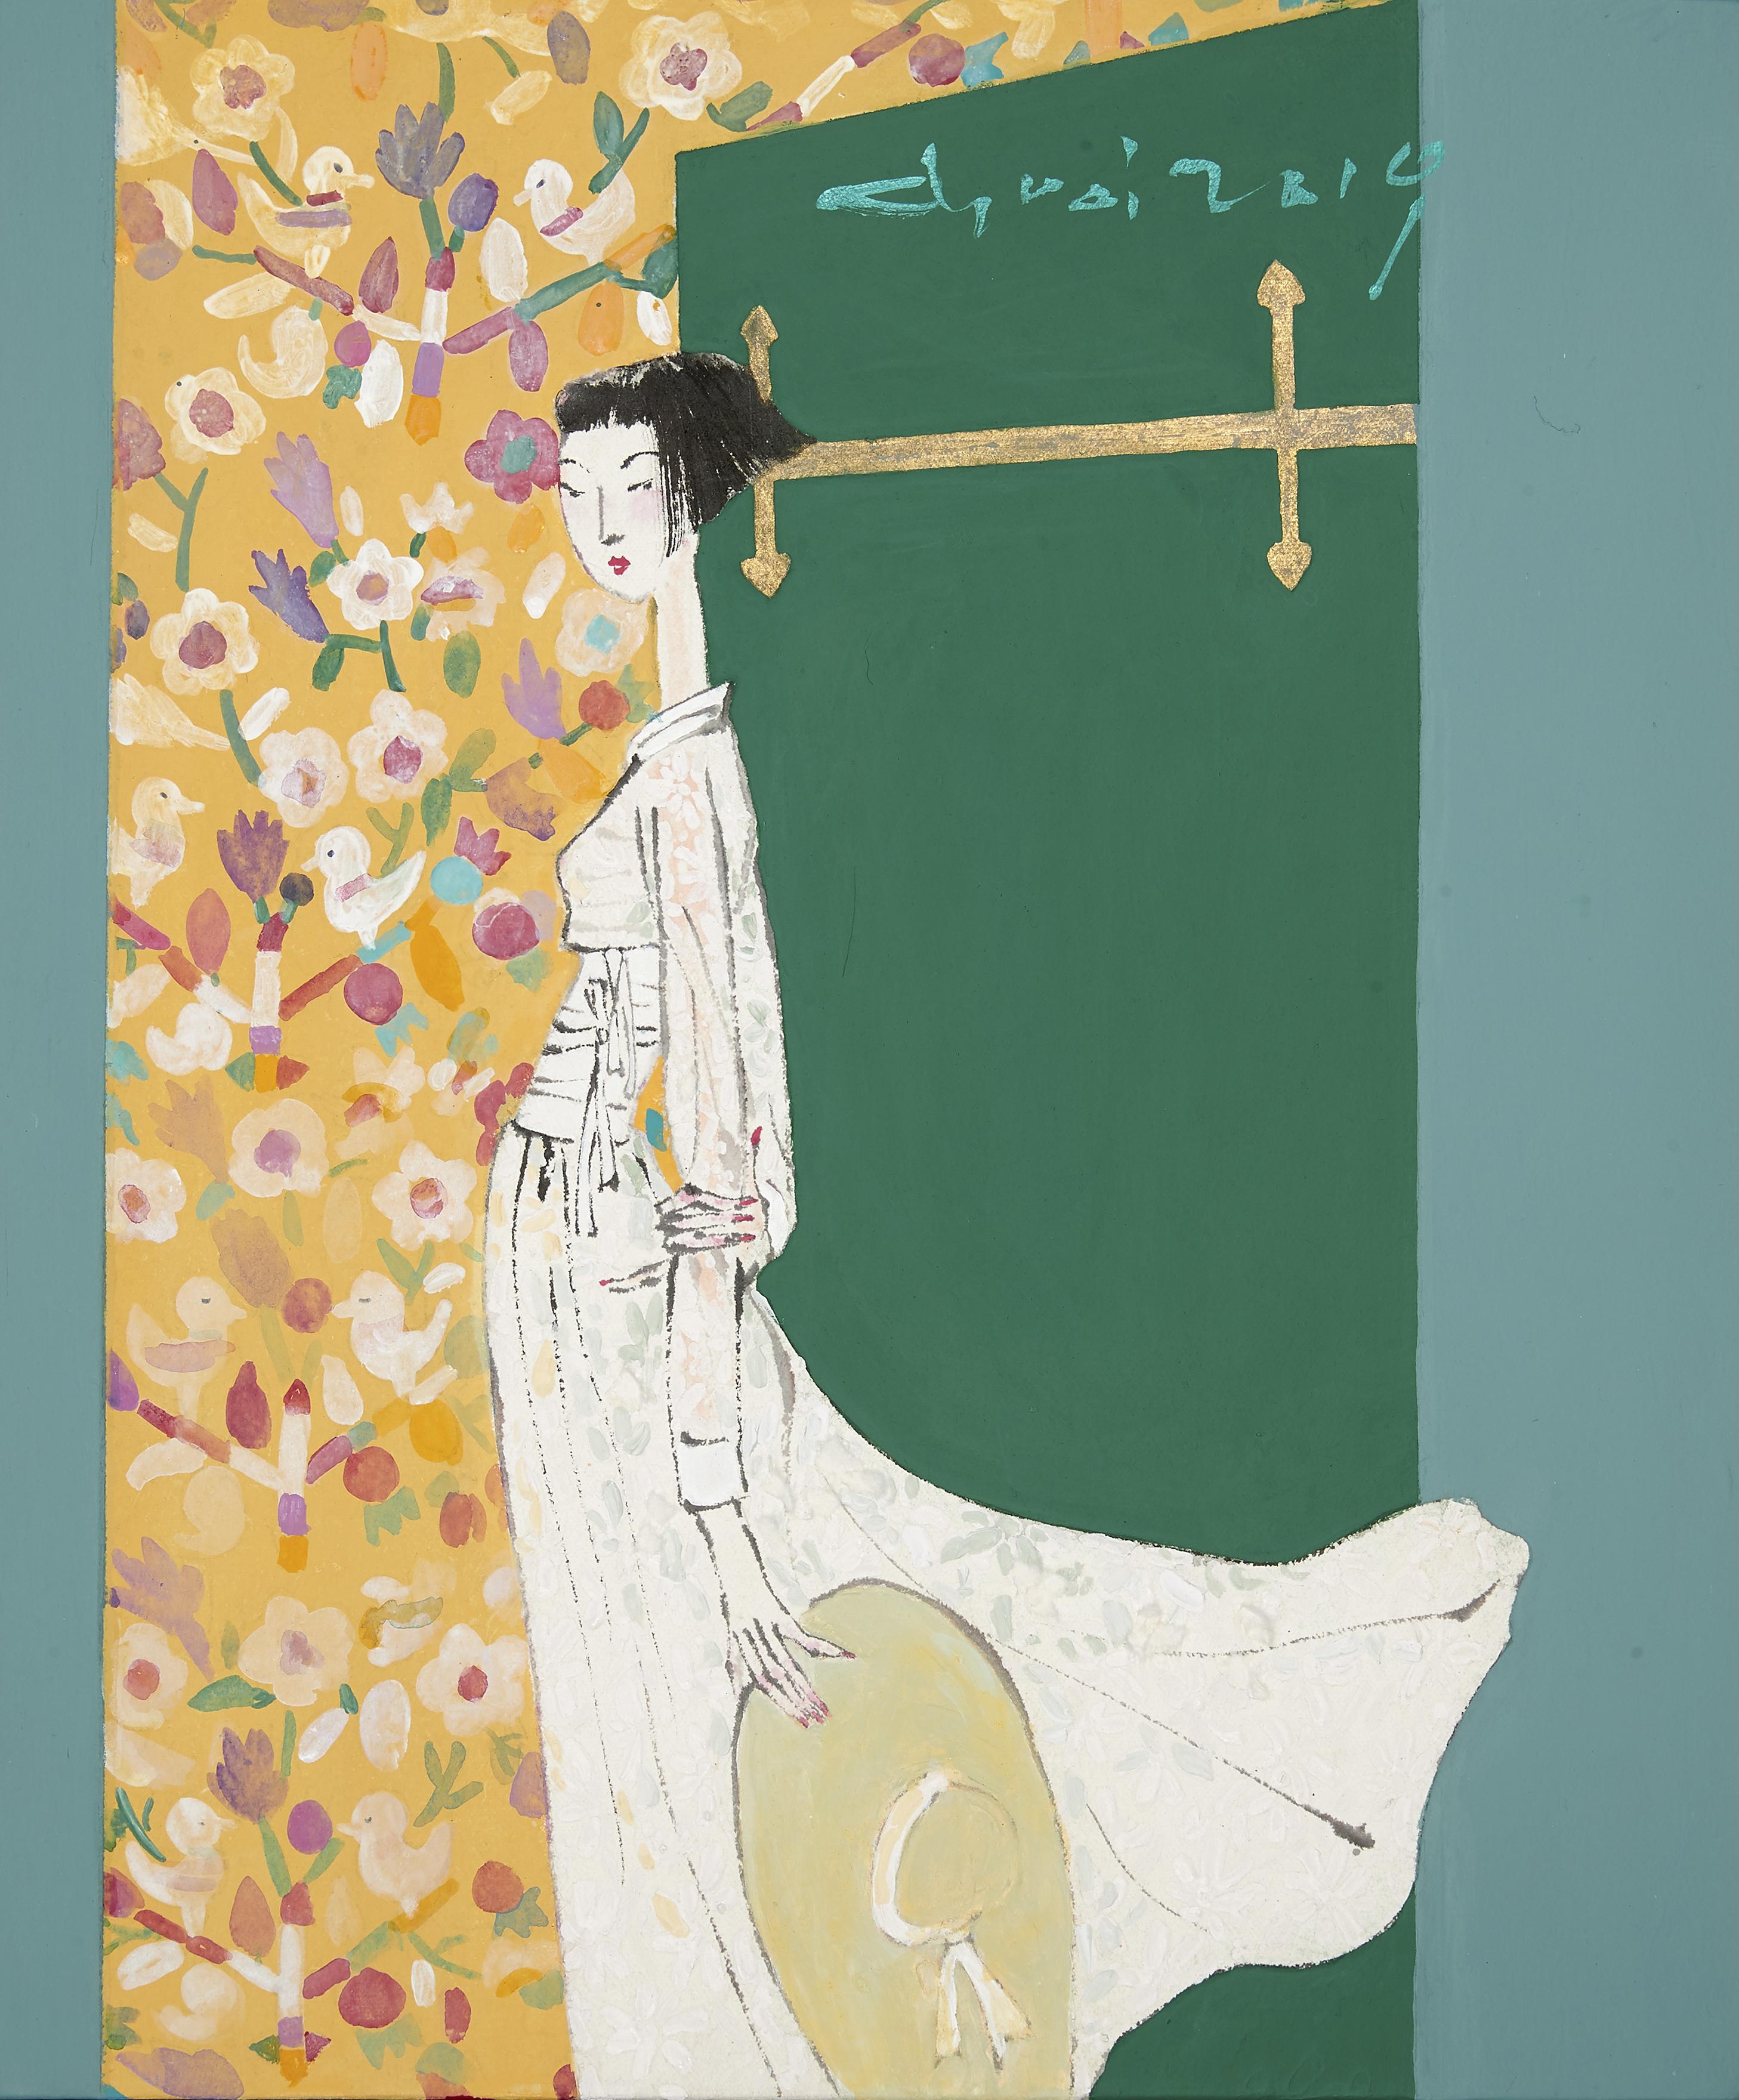 최경자3, Alpha Girl 1925, 45.5 x 38